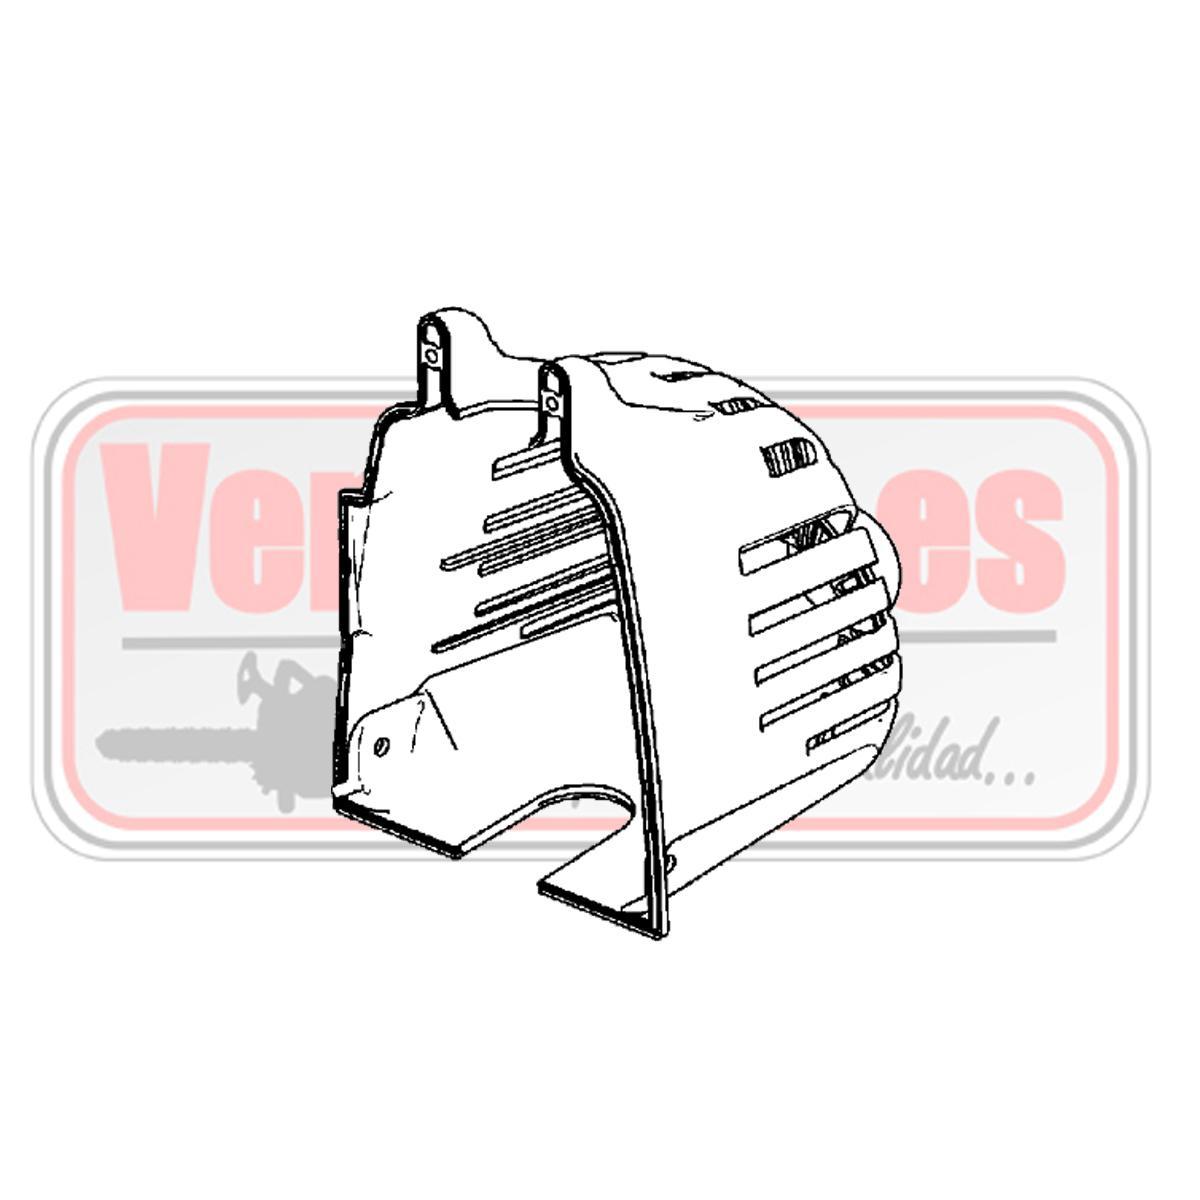 Tapa de silenciador Oleo Mac SPARTA 250 T / S